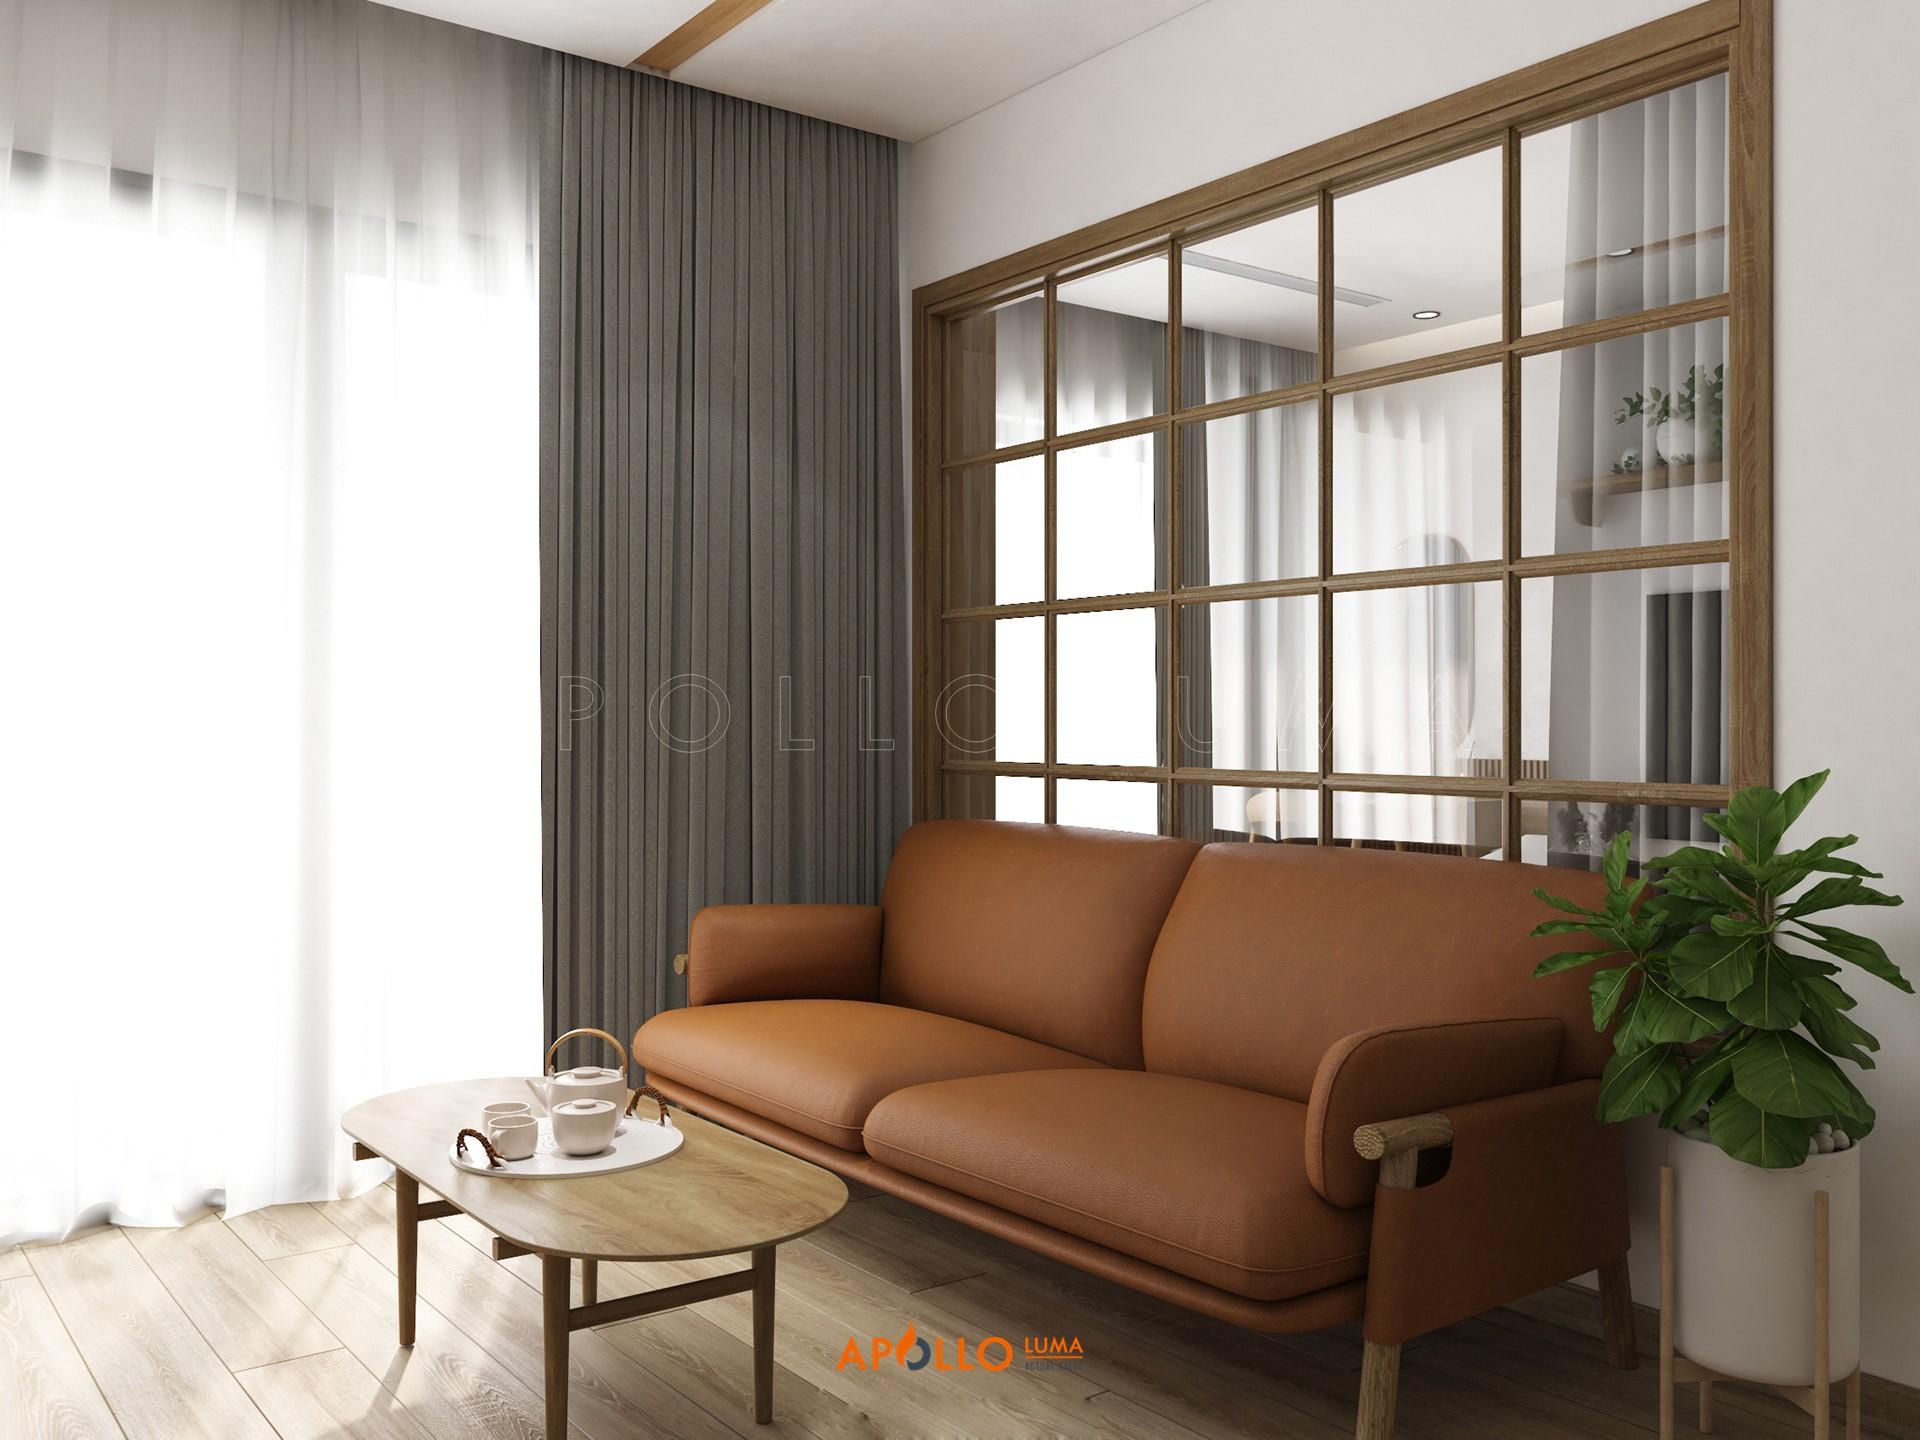 Thiết kế nội thất căn 55m2 Vinhomes Smart City Tây Mỗ